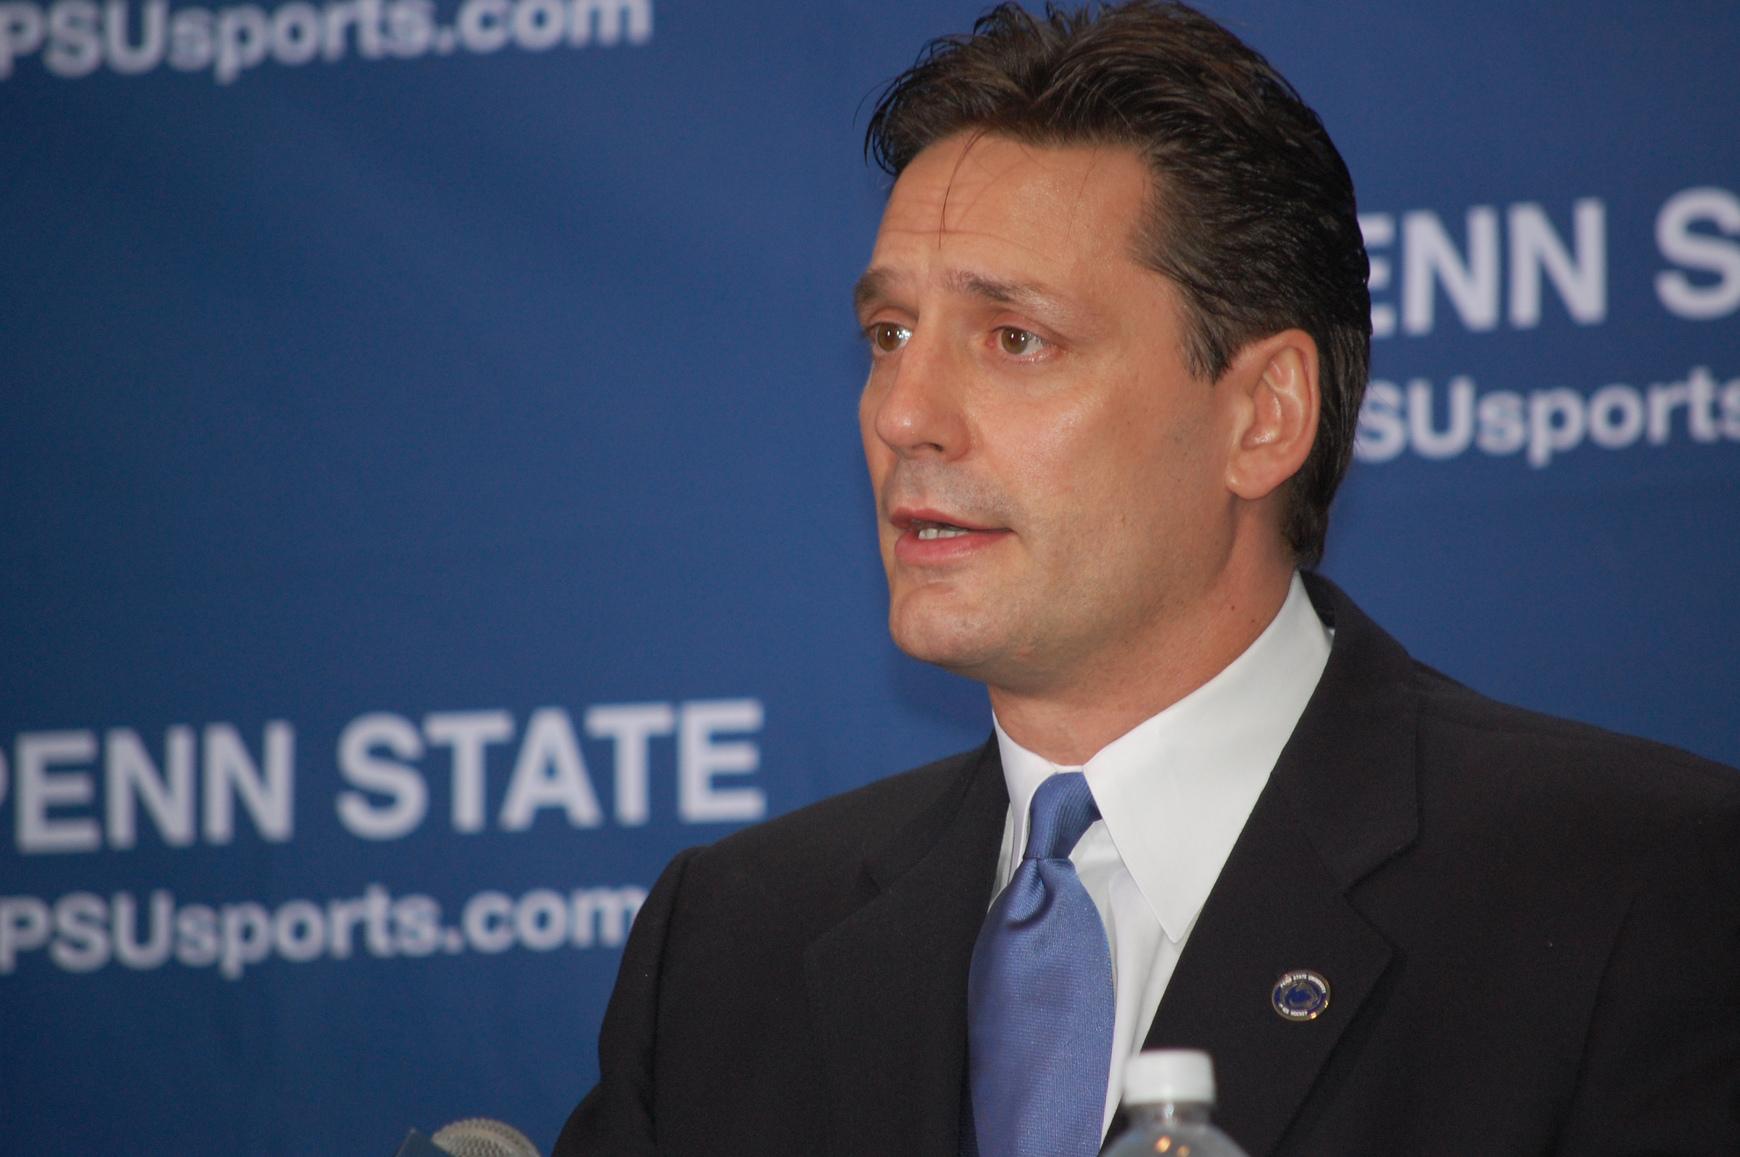 Guy Penn Stater